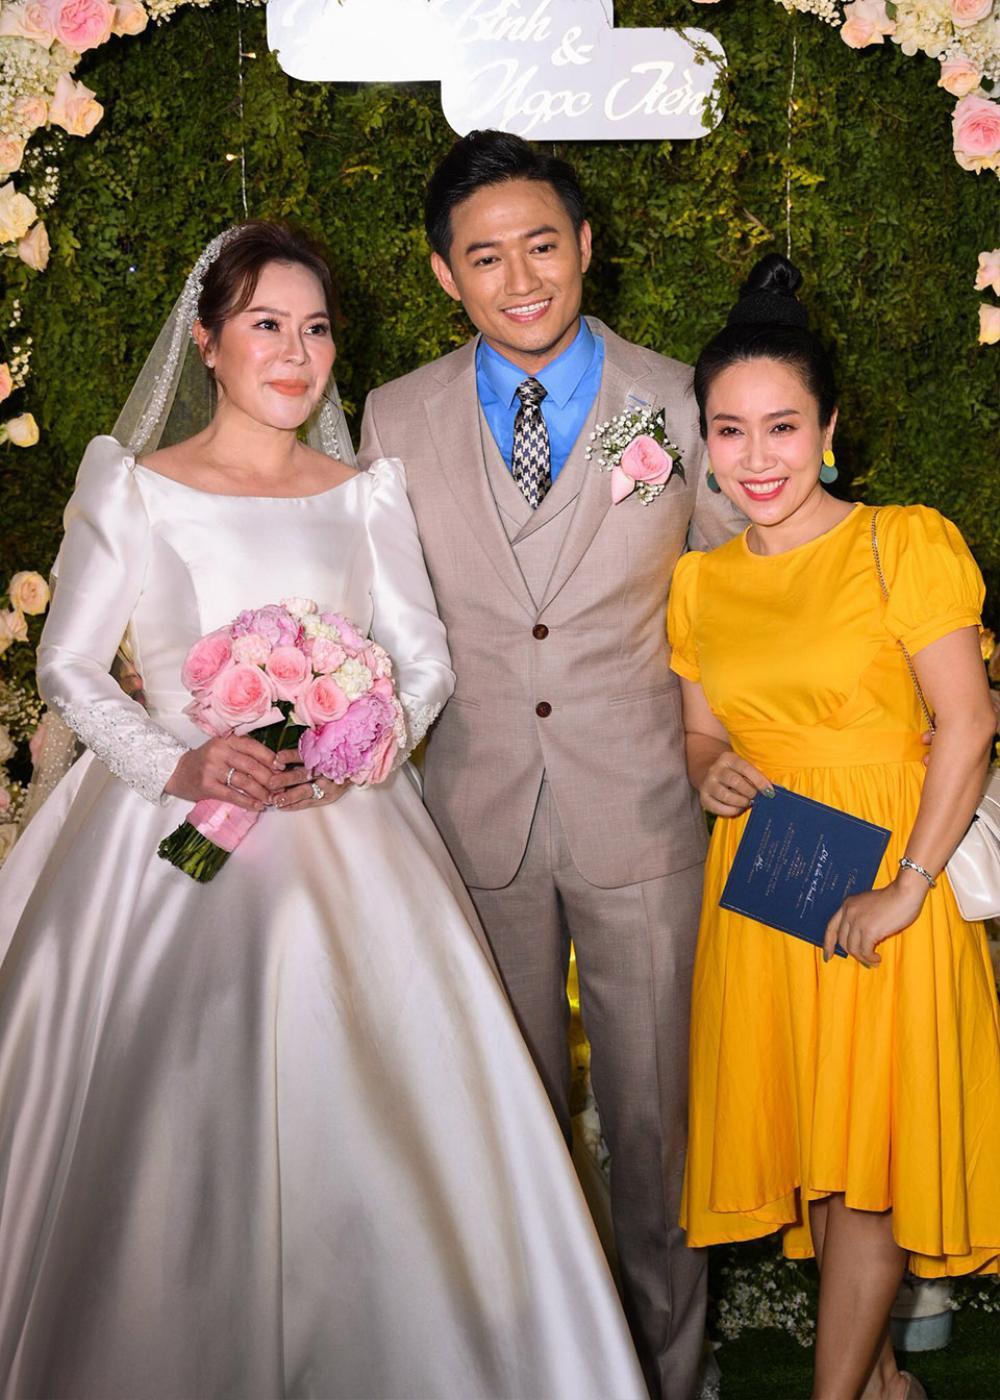 Quách Ngọc Ngoan, Quý Bình sống hạnh phúc, nhà cao cửa rộng sau khi lấy vợ đại gia hơn tuổi Ảnh 2